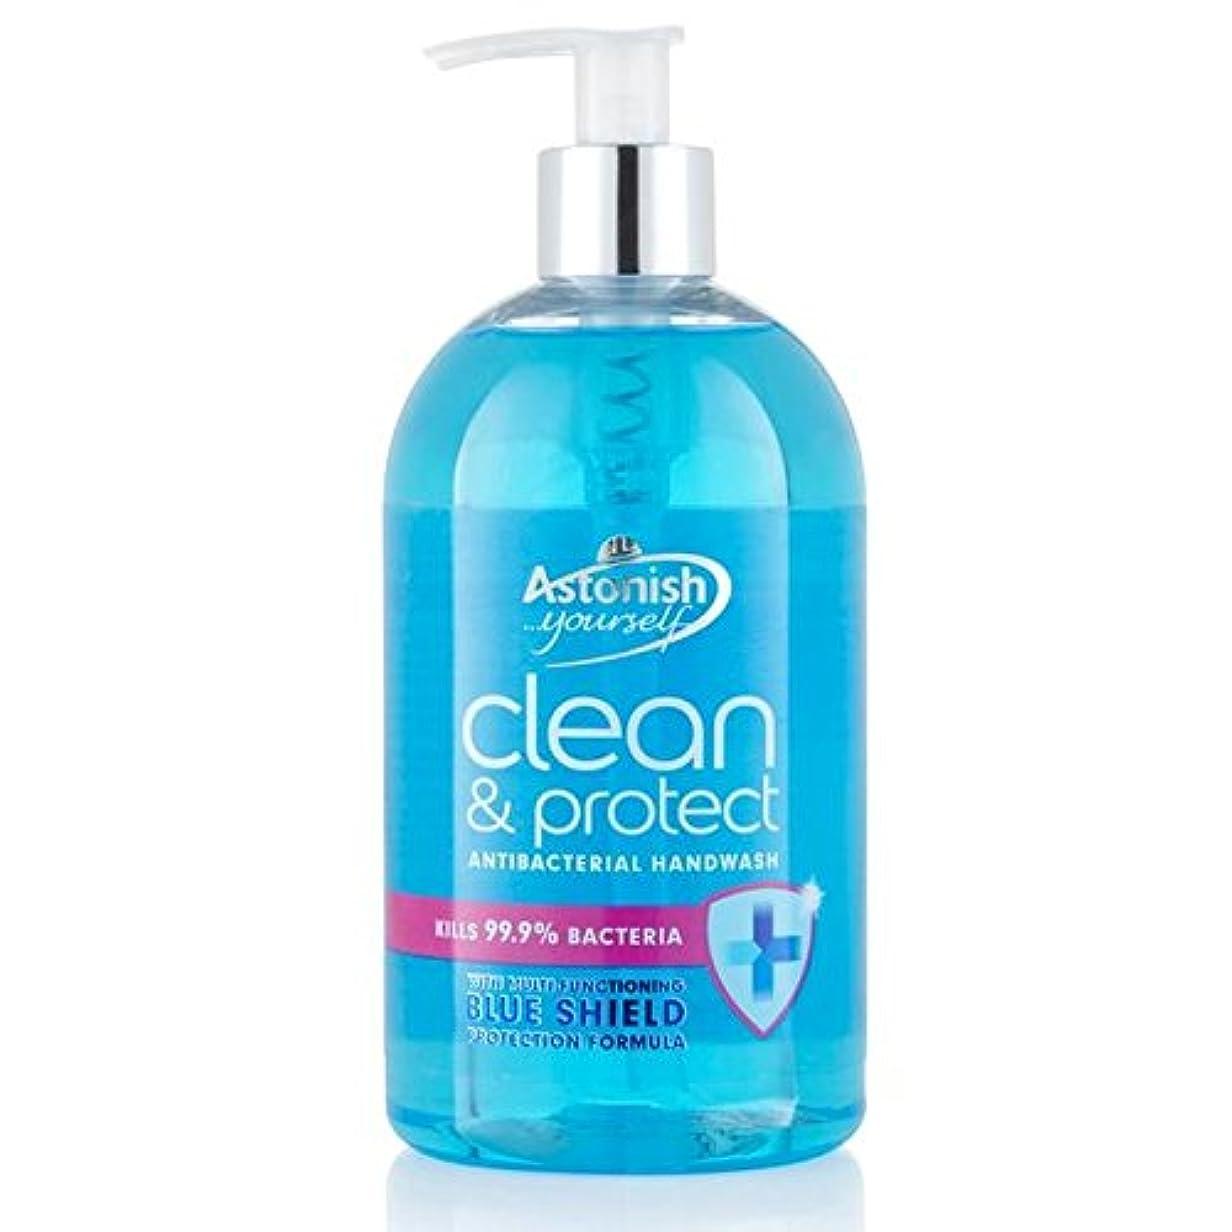 セミナー支出騒々しいクリーン驚か&ハンドウォッシュ500ミリリットルを保護 x4 - Astonish Clean & Protect Hand Wash 500ml (Pack of 4) [並行輸入品]